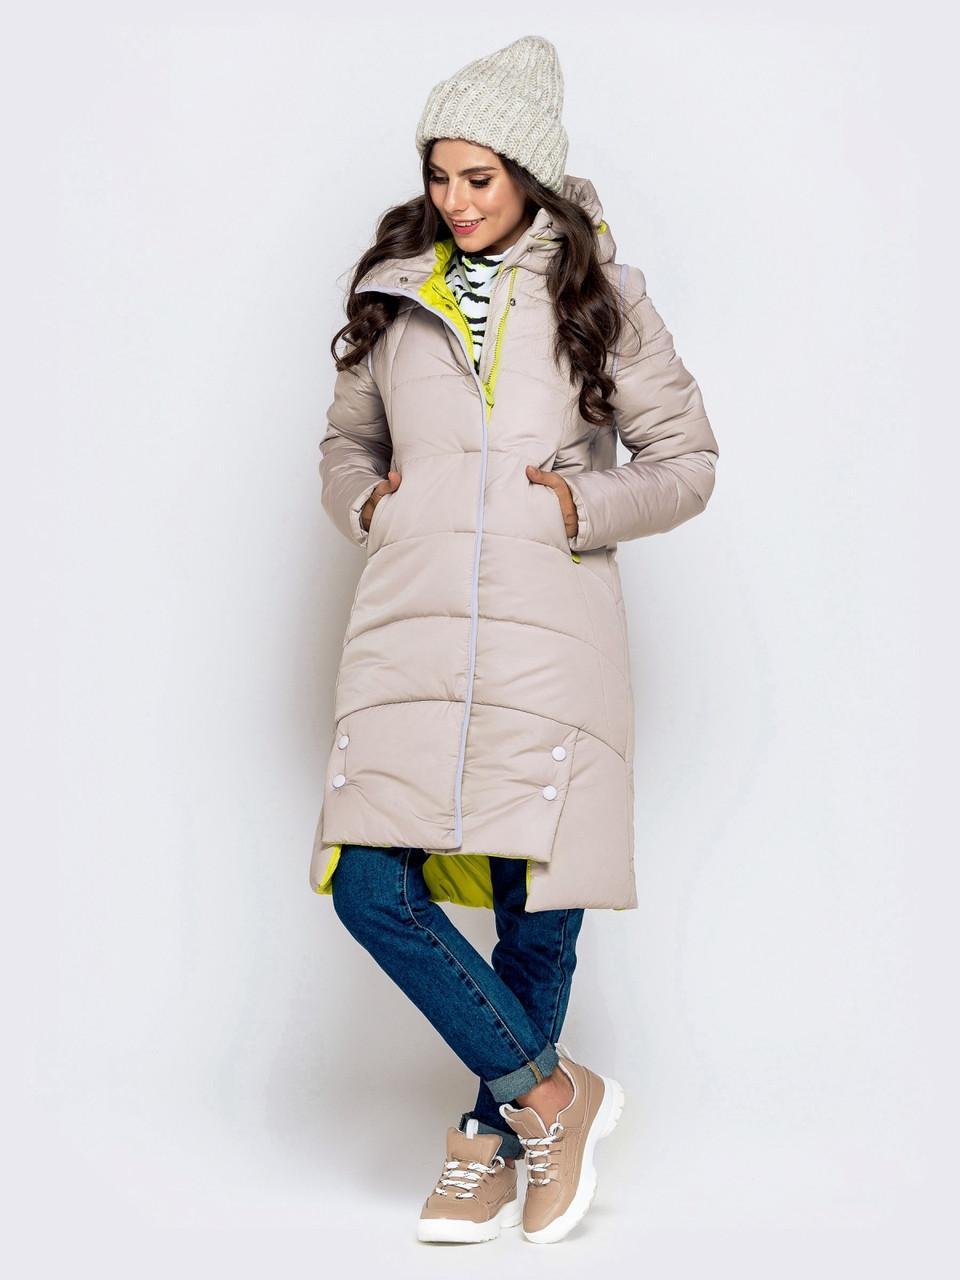 Зимняя стеганная куртка со вшитым капюшоном на кулиске жемчуг размер 44-46 48-50 52-54